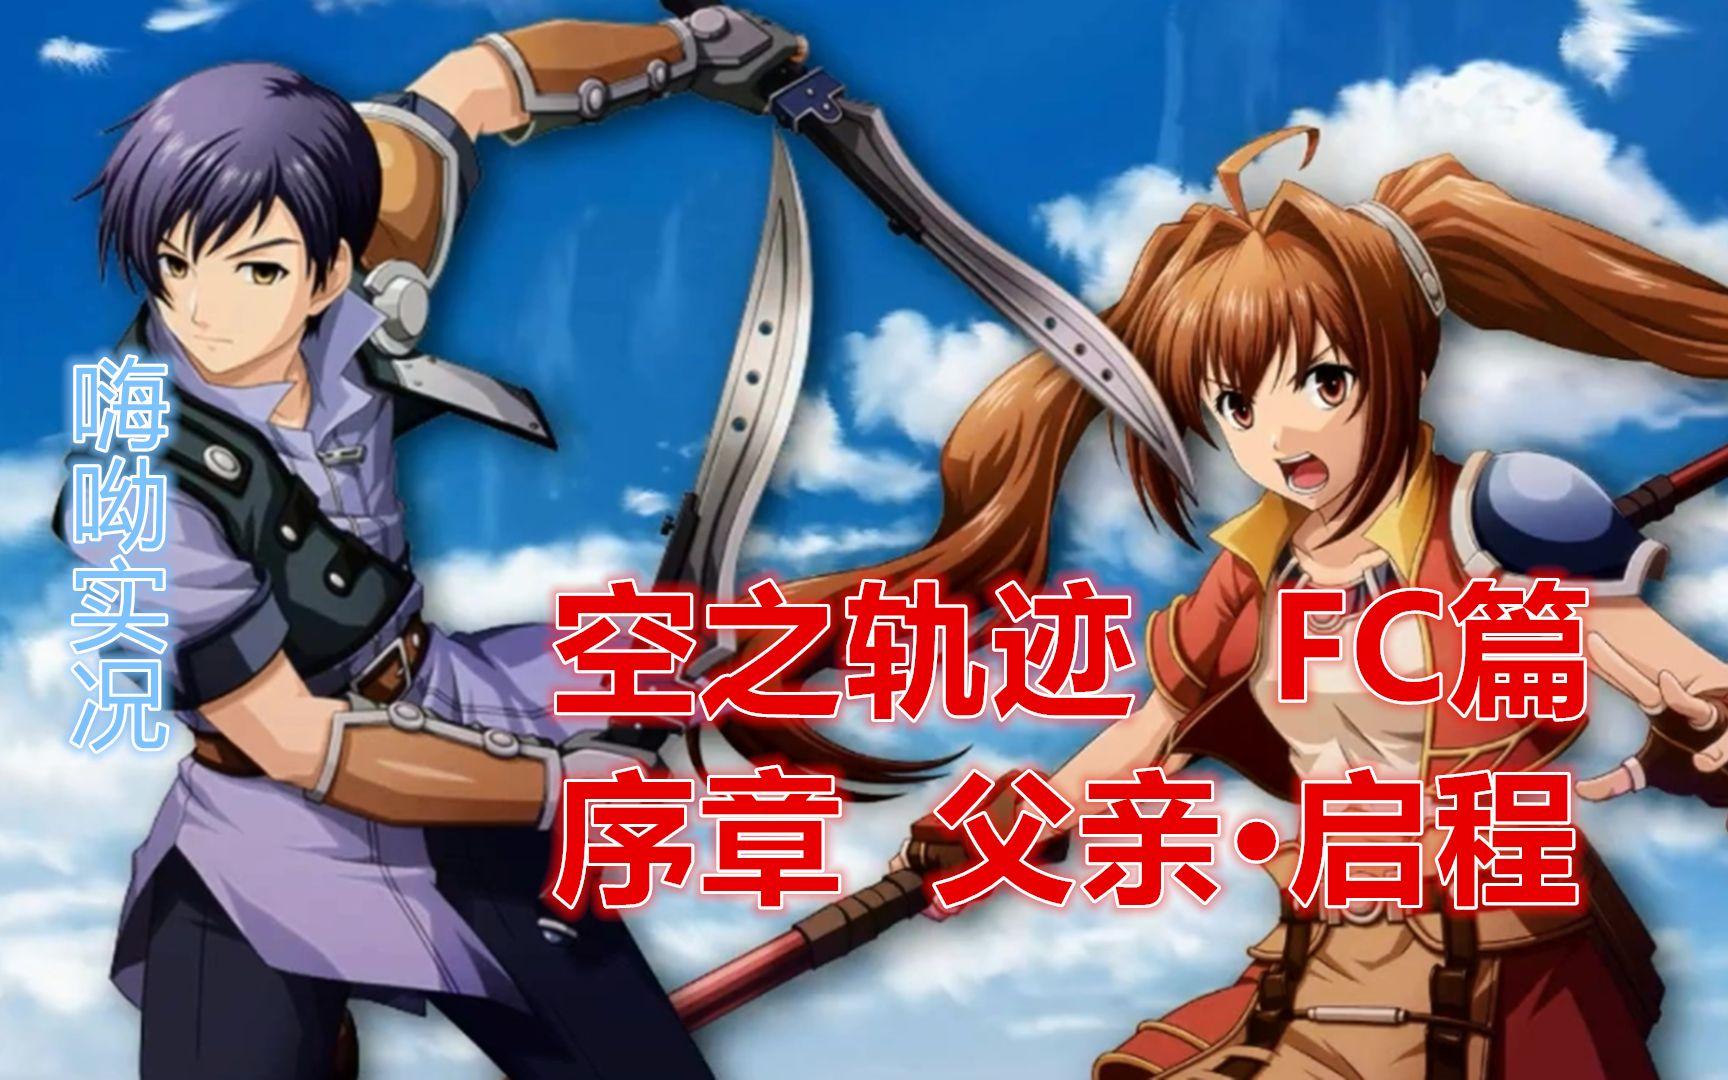 【嗨呦】《空之轨迹FC》语音版-序章 父亲·启程(洛连特篇)